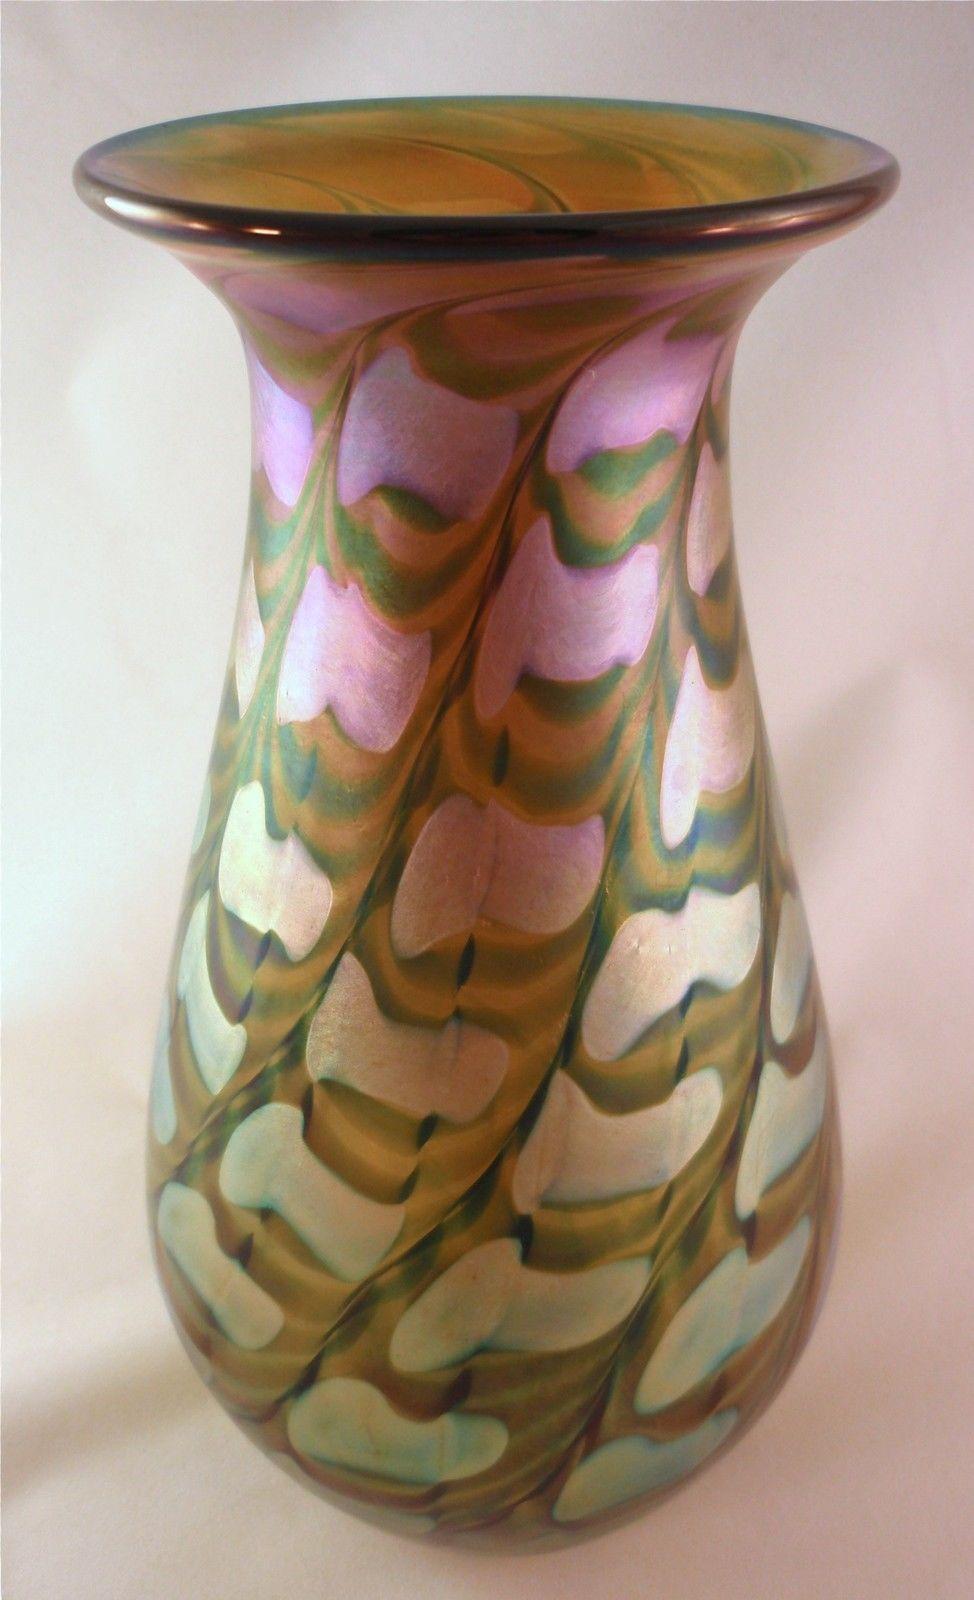 Lundberg Studios Iridescent Gold Twisted Zipper Gourd Vase ... on zipper hat, zipper mask, zipper bracelet, zipper wall, zipper painting, zipper car, zipper doll,